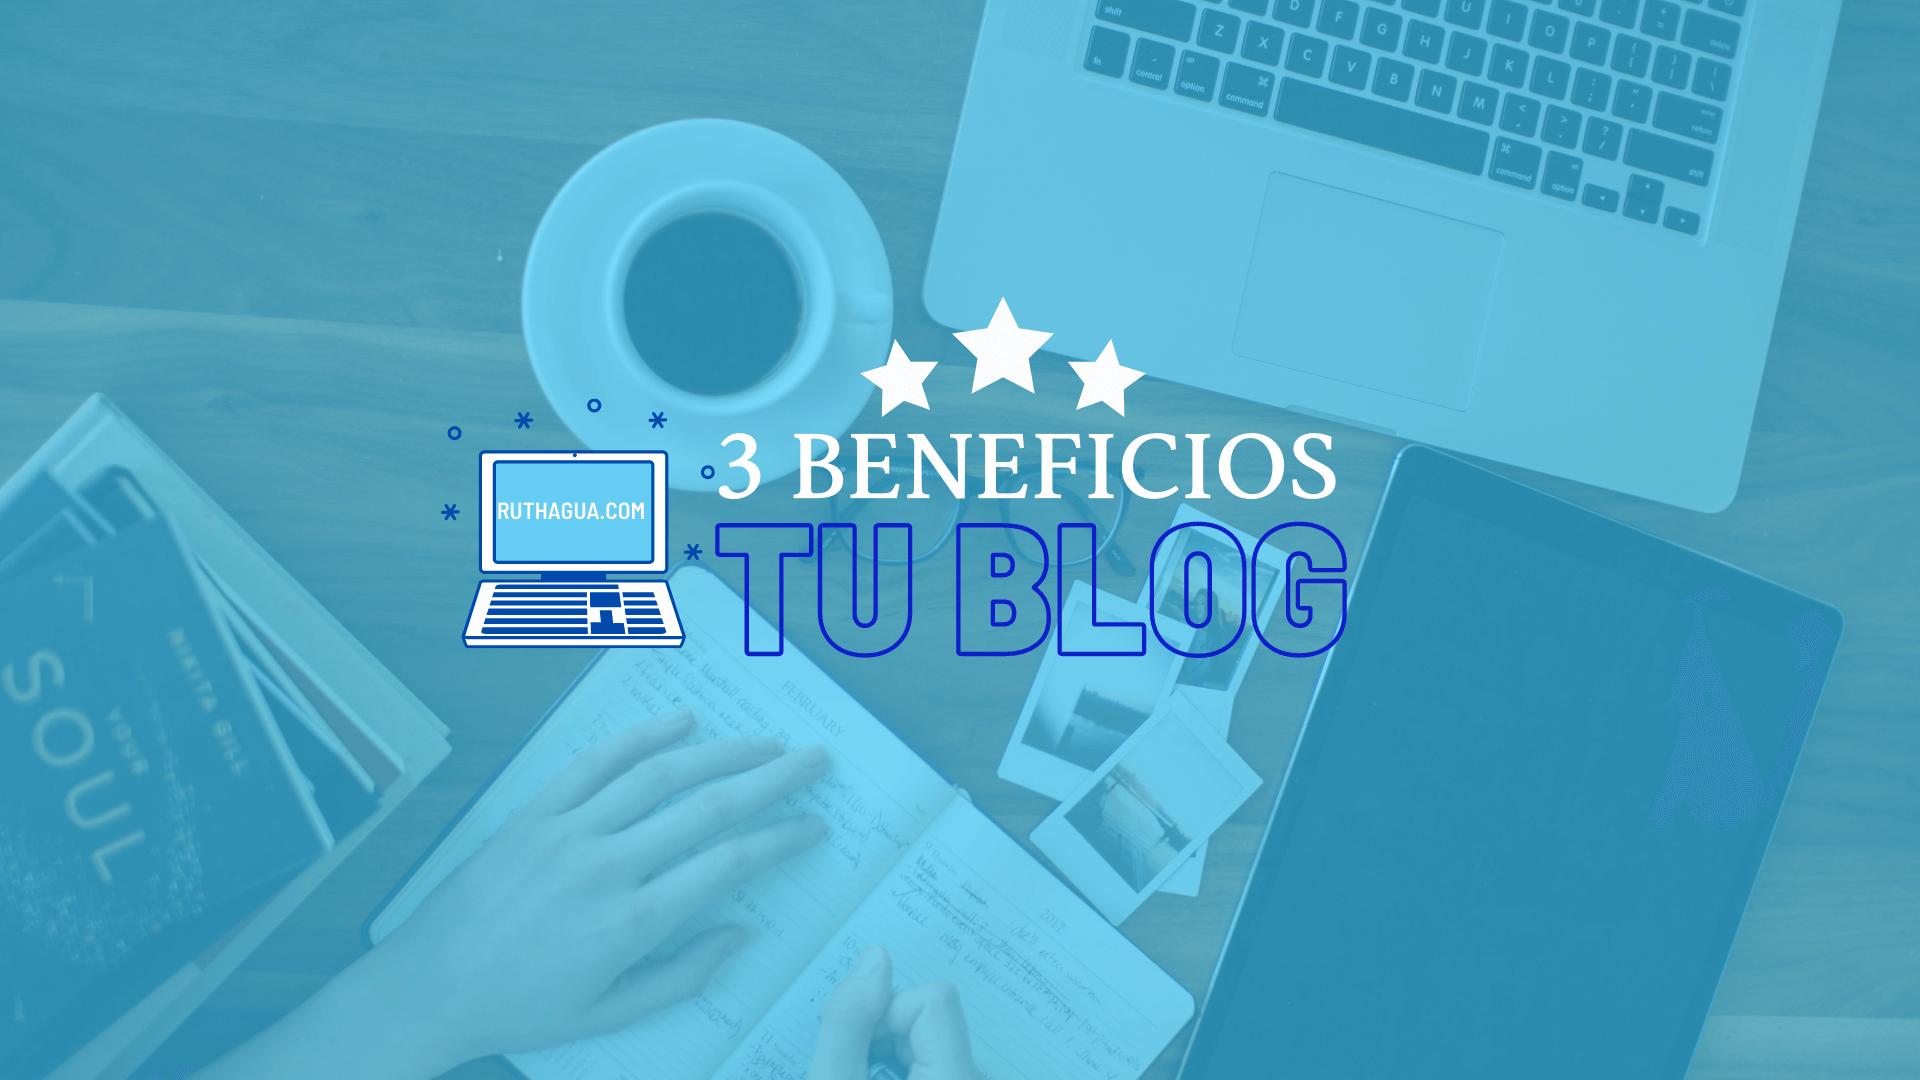 Beneficios para crear tu blog